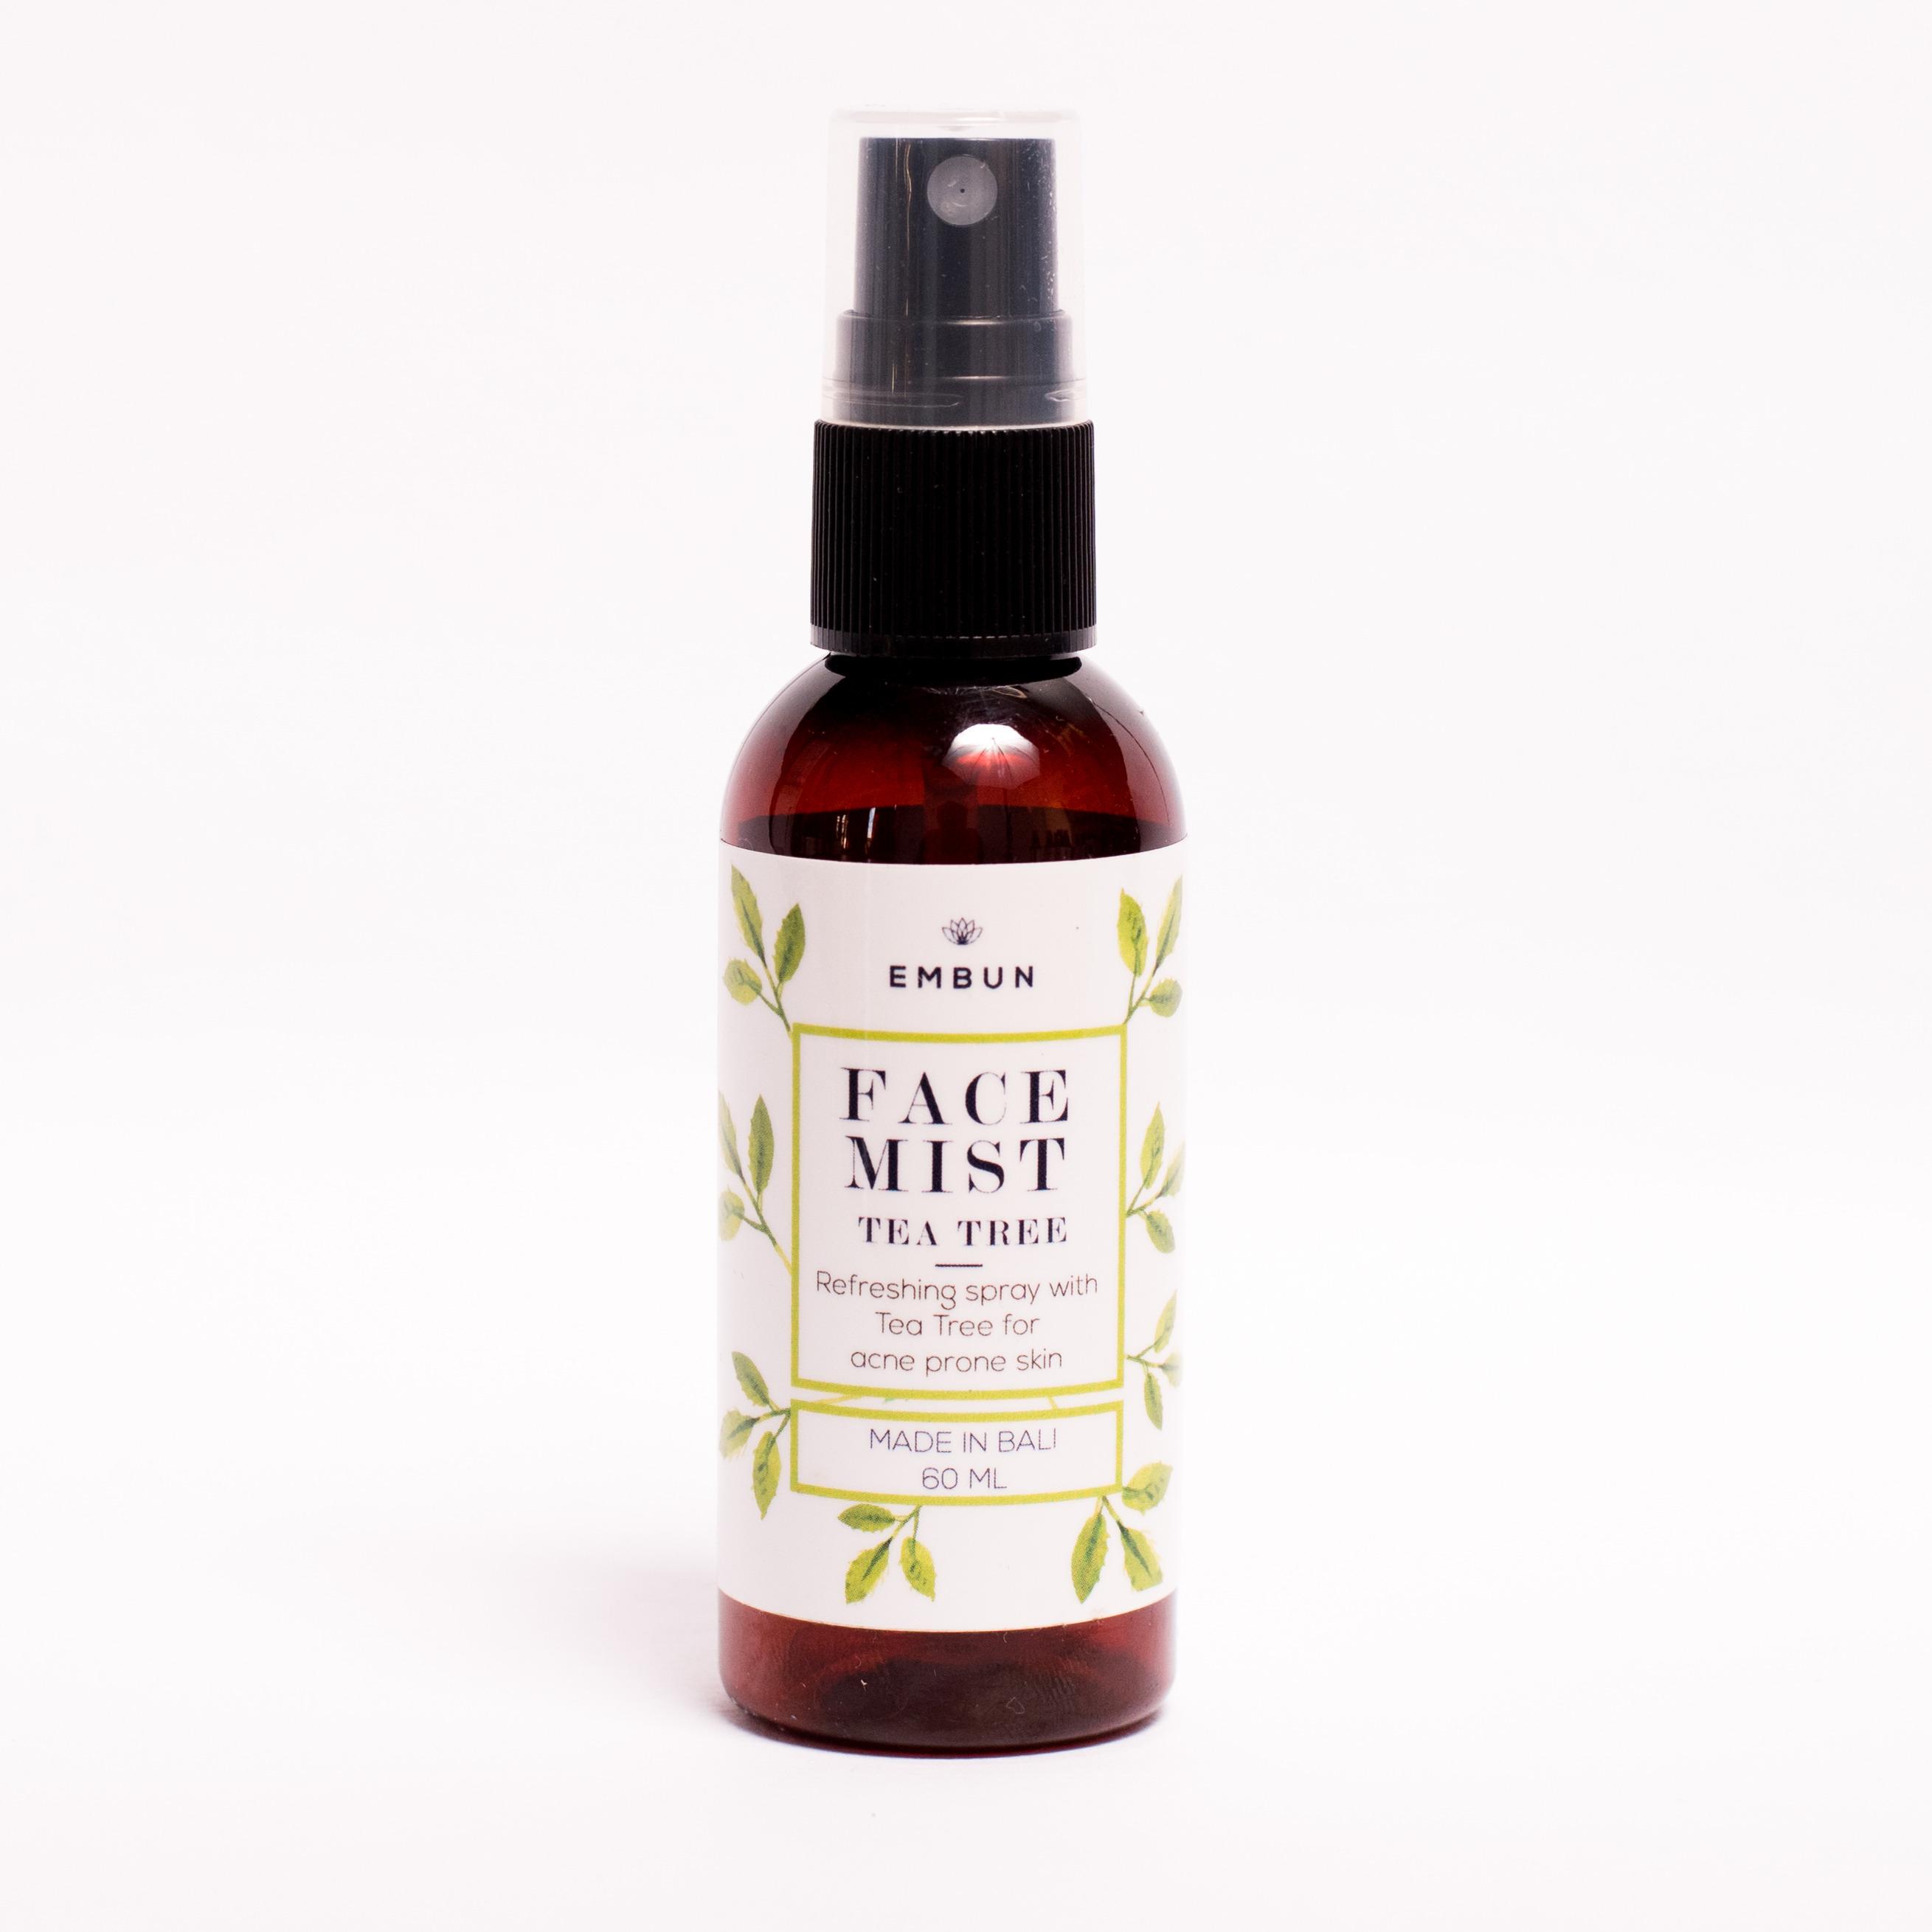 Embun Face Mist Anti-Acne Tea Tree